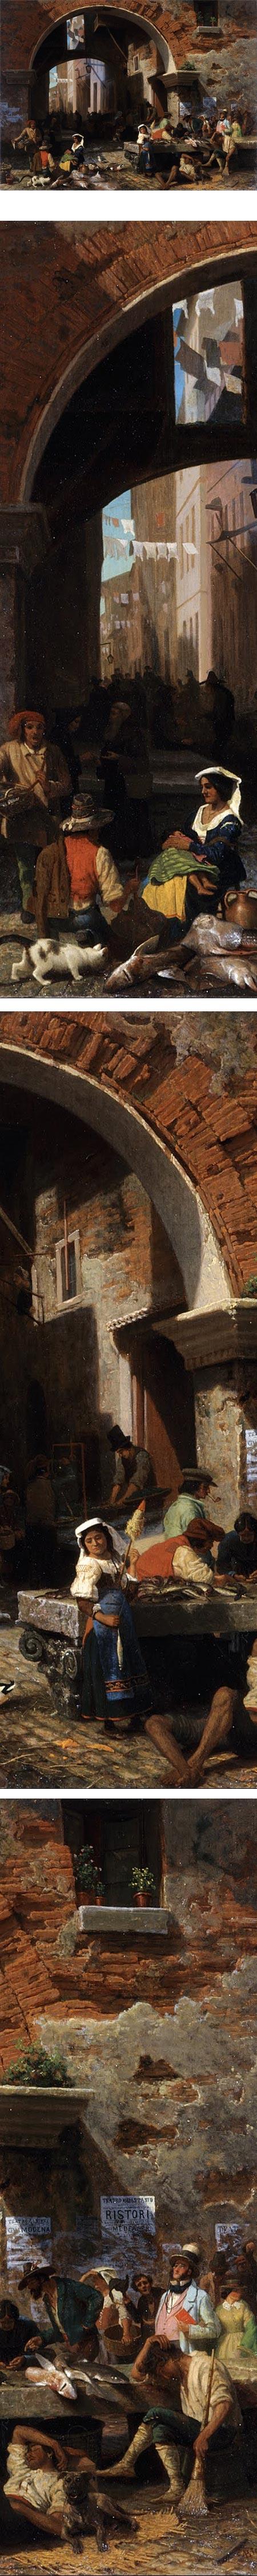 Roman Fish Market. Arch of Octavius, Albert Bierstadt